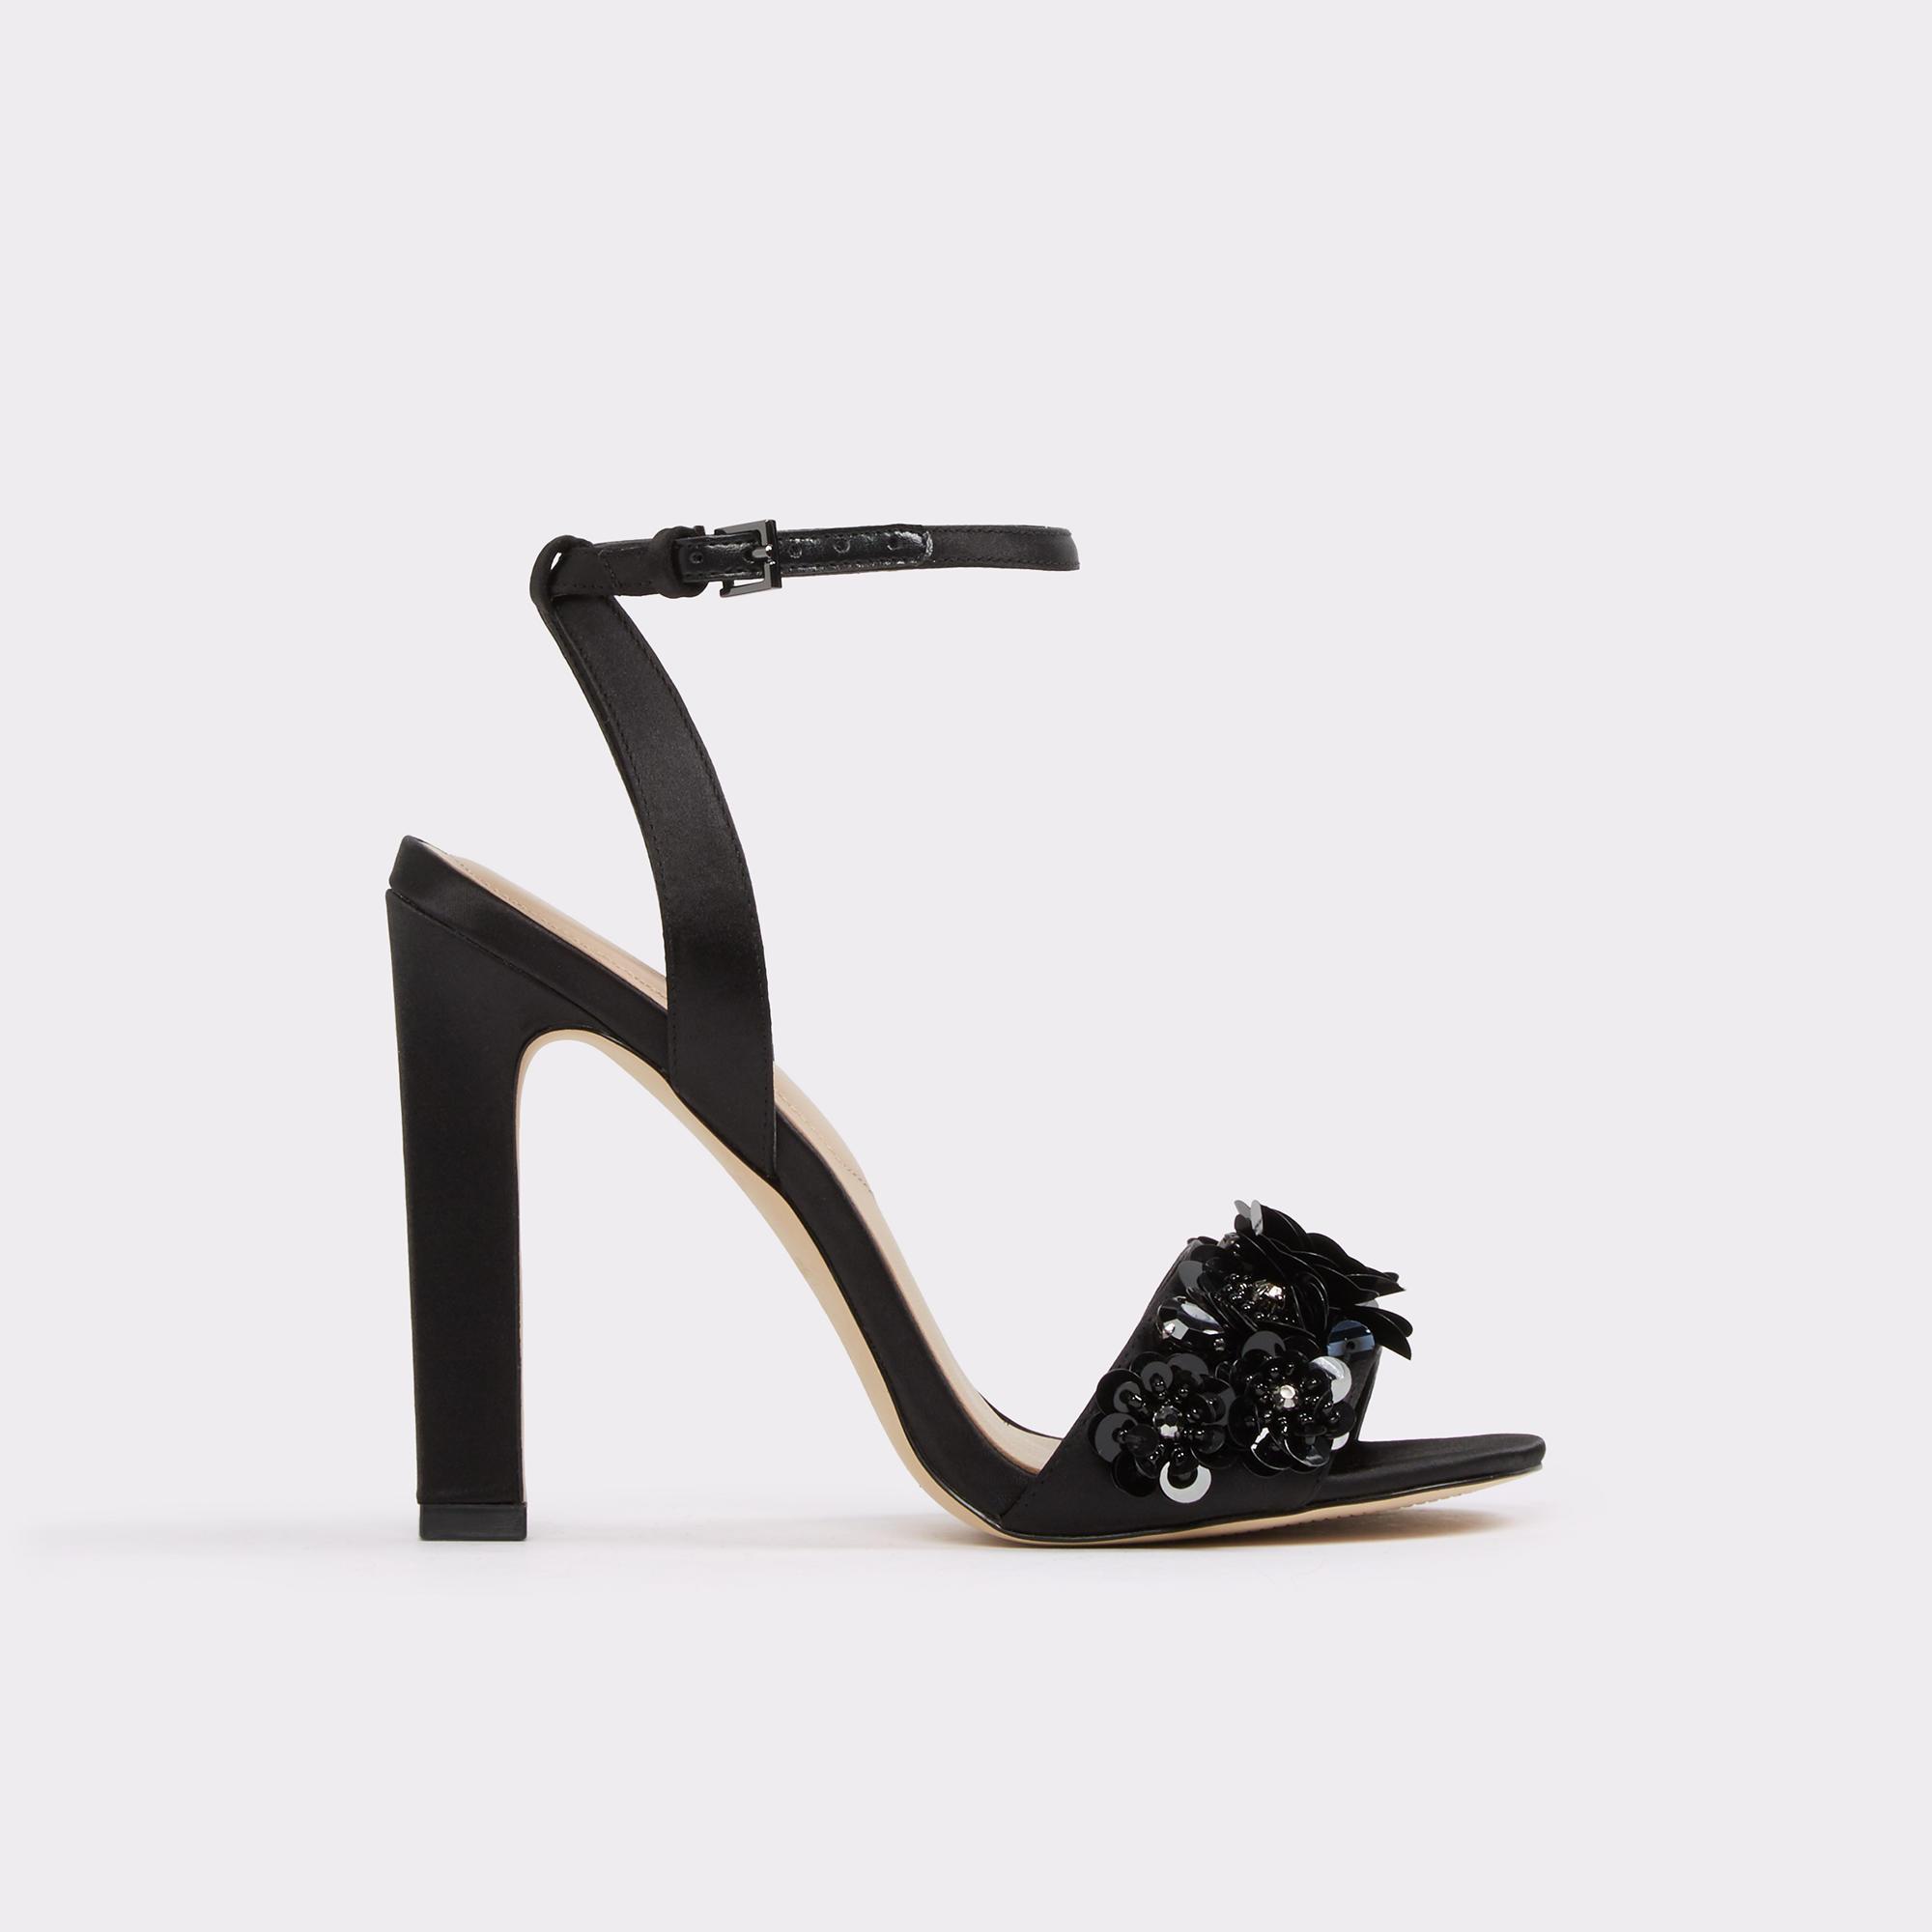 Kilia Black Satin Women's Open-toe Heels | Hermosaz